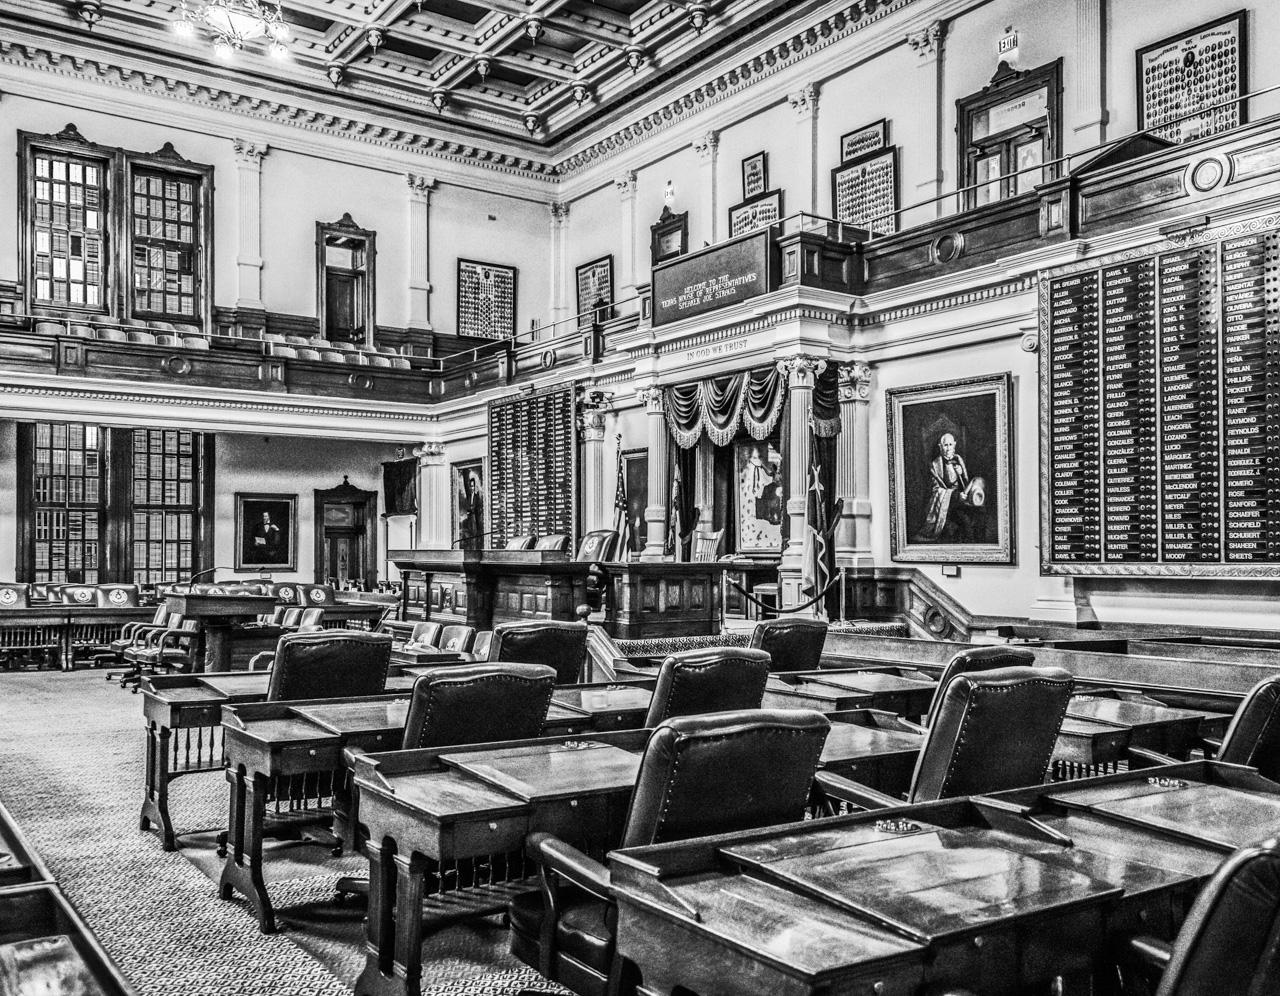 Texas House of Representatives